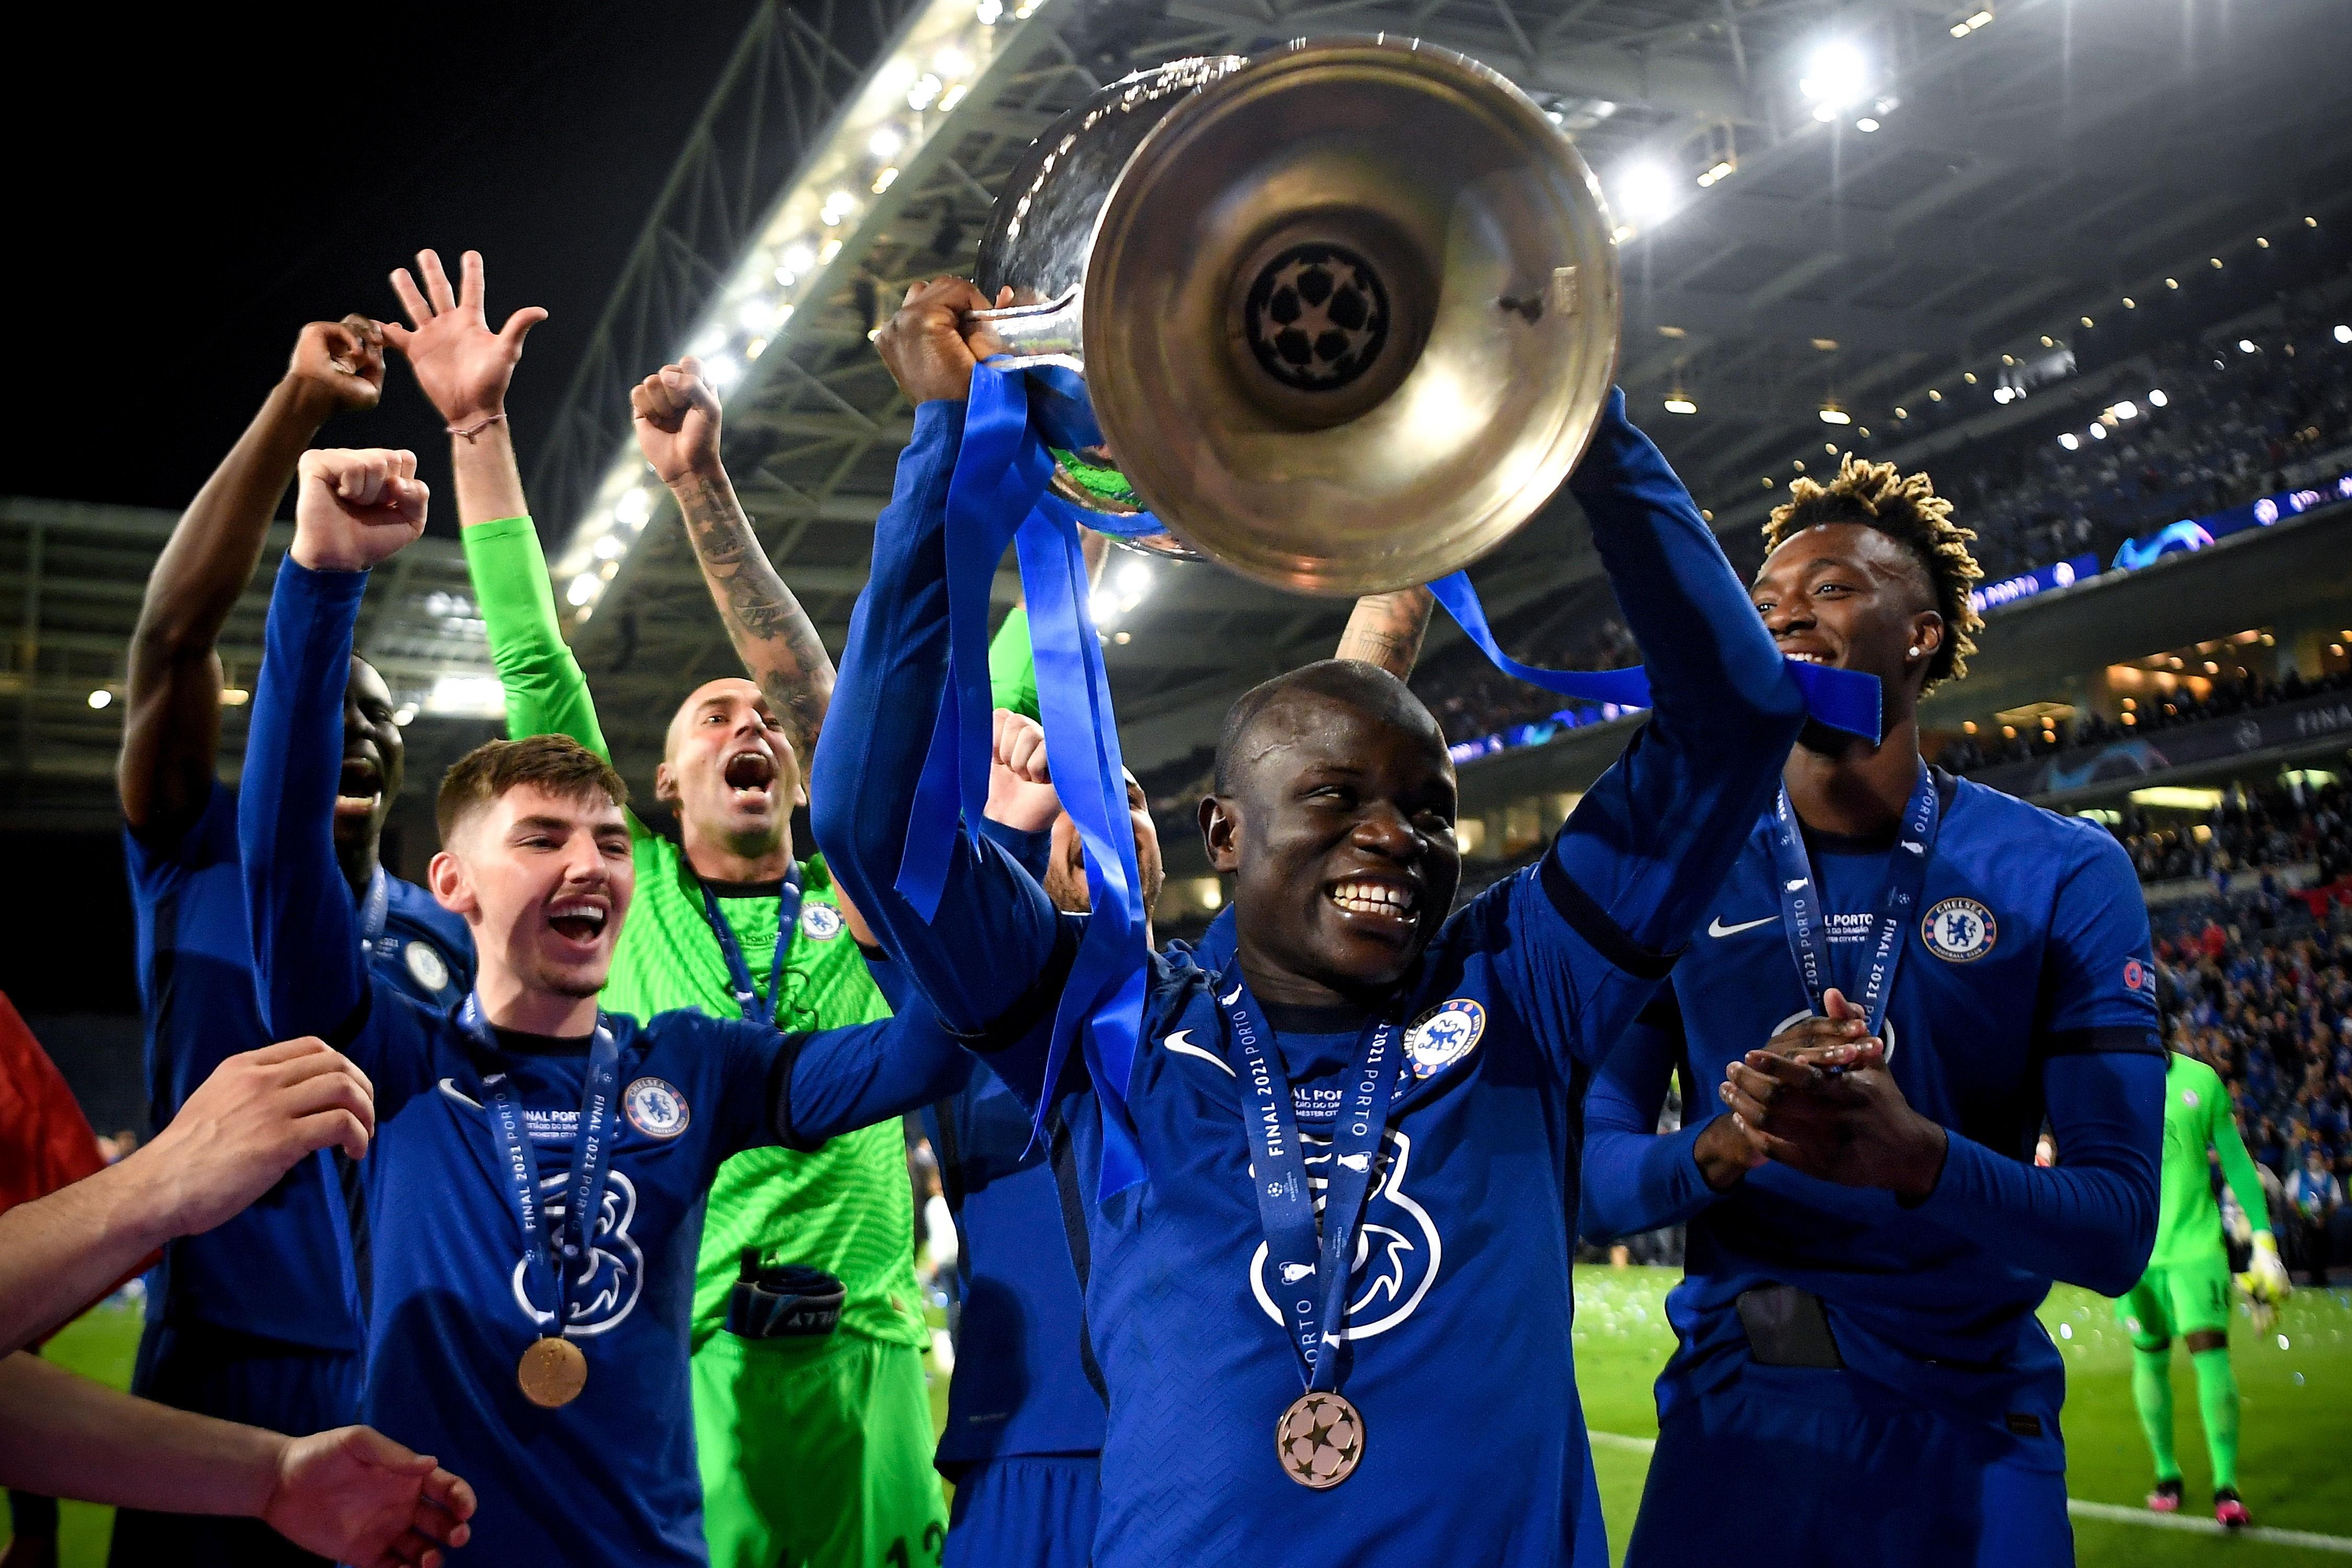 ¡Por el bicampeonato de Europa! Chelsea desea un XI inigualable 7